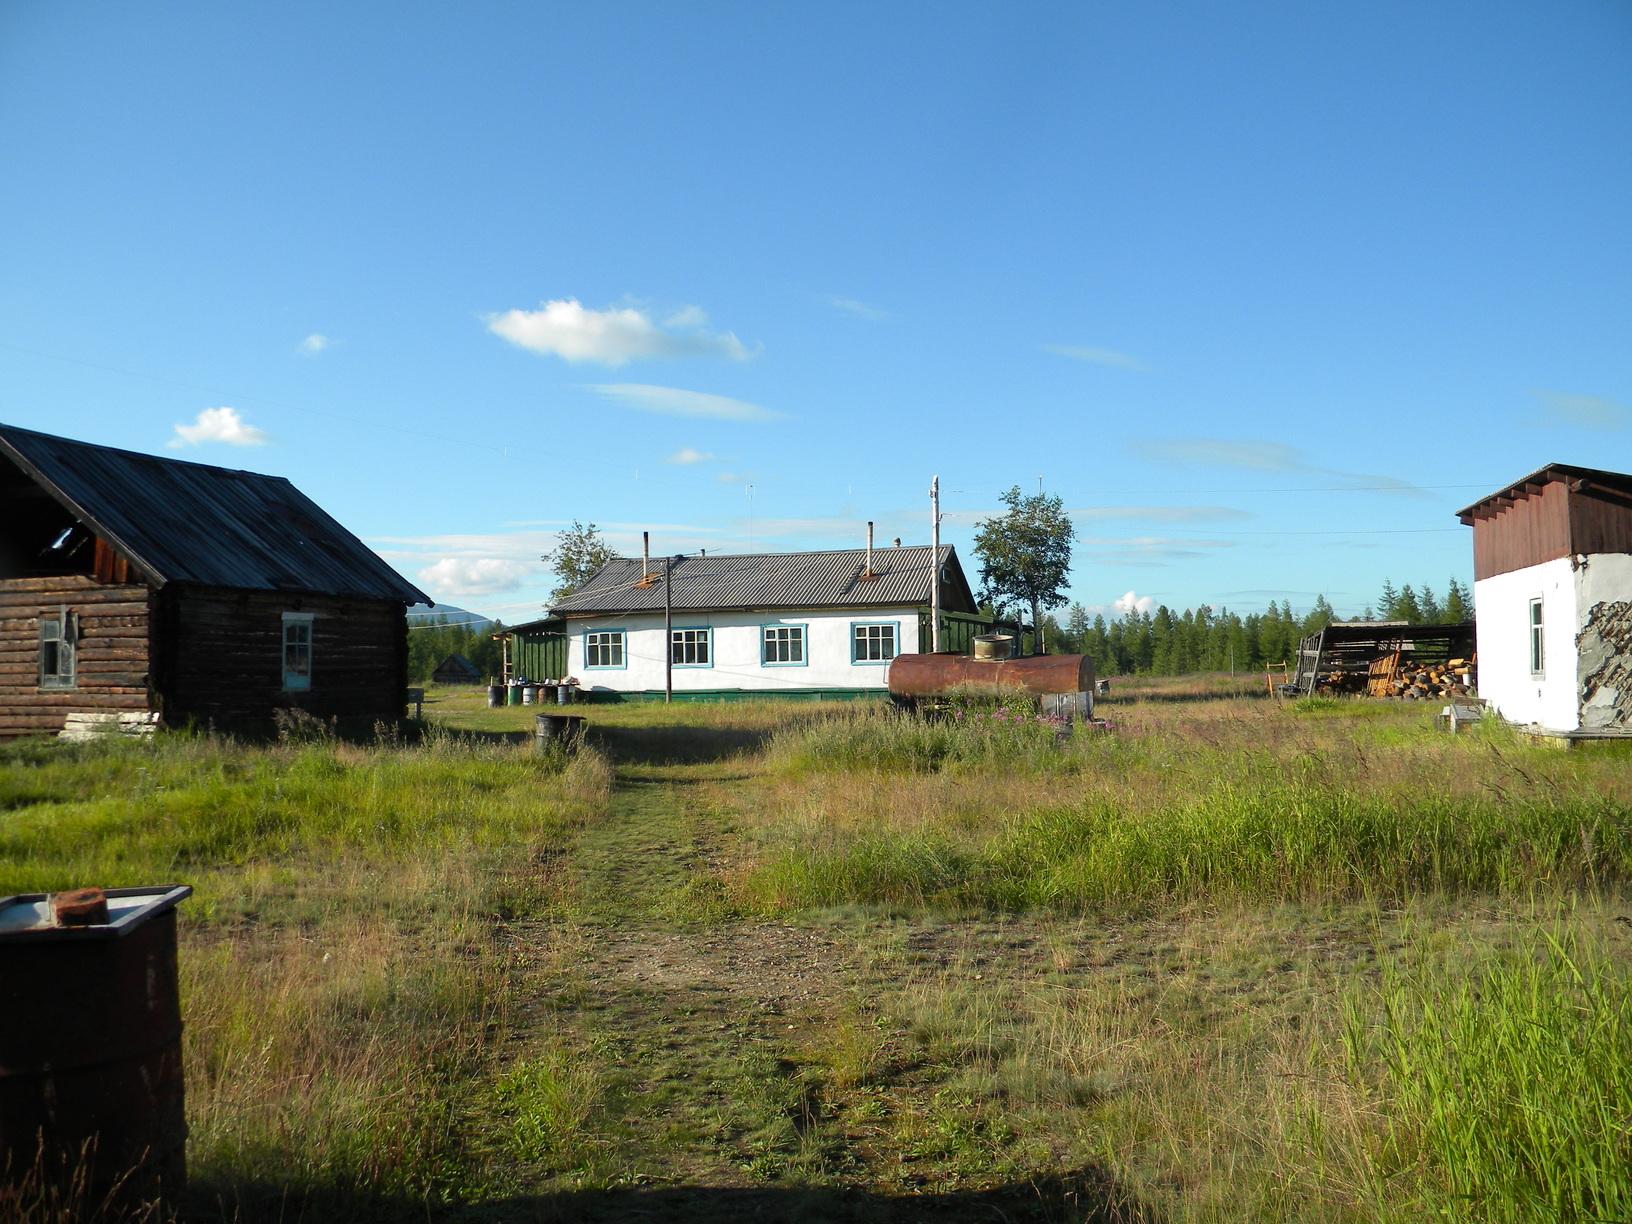 в белом доме сейчас и размещается метеостанция. в недалекое советское прошлое здесь размещалась столовая пионерлагеря. Да-да, пионерлагеря.